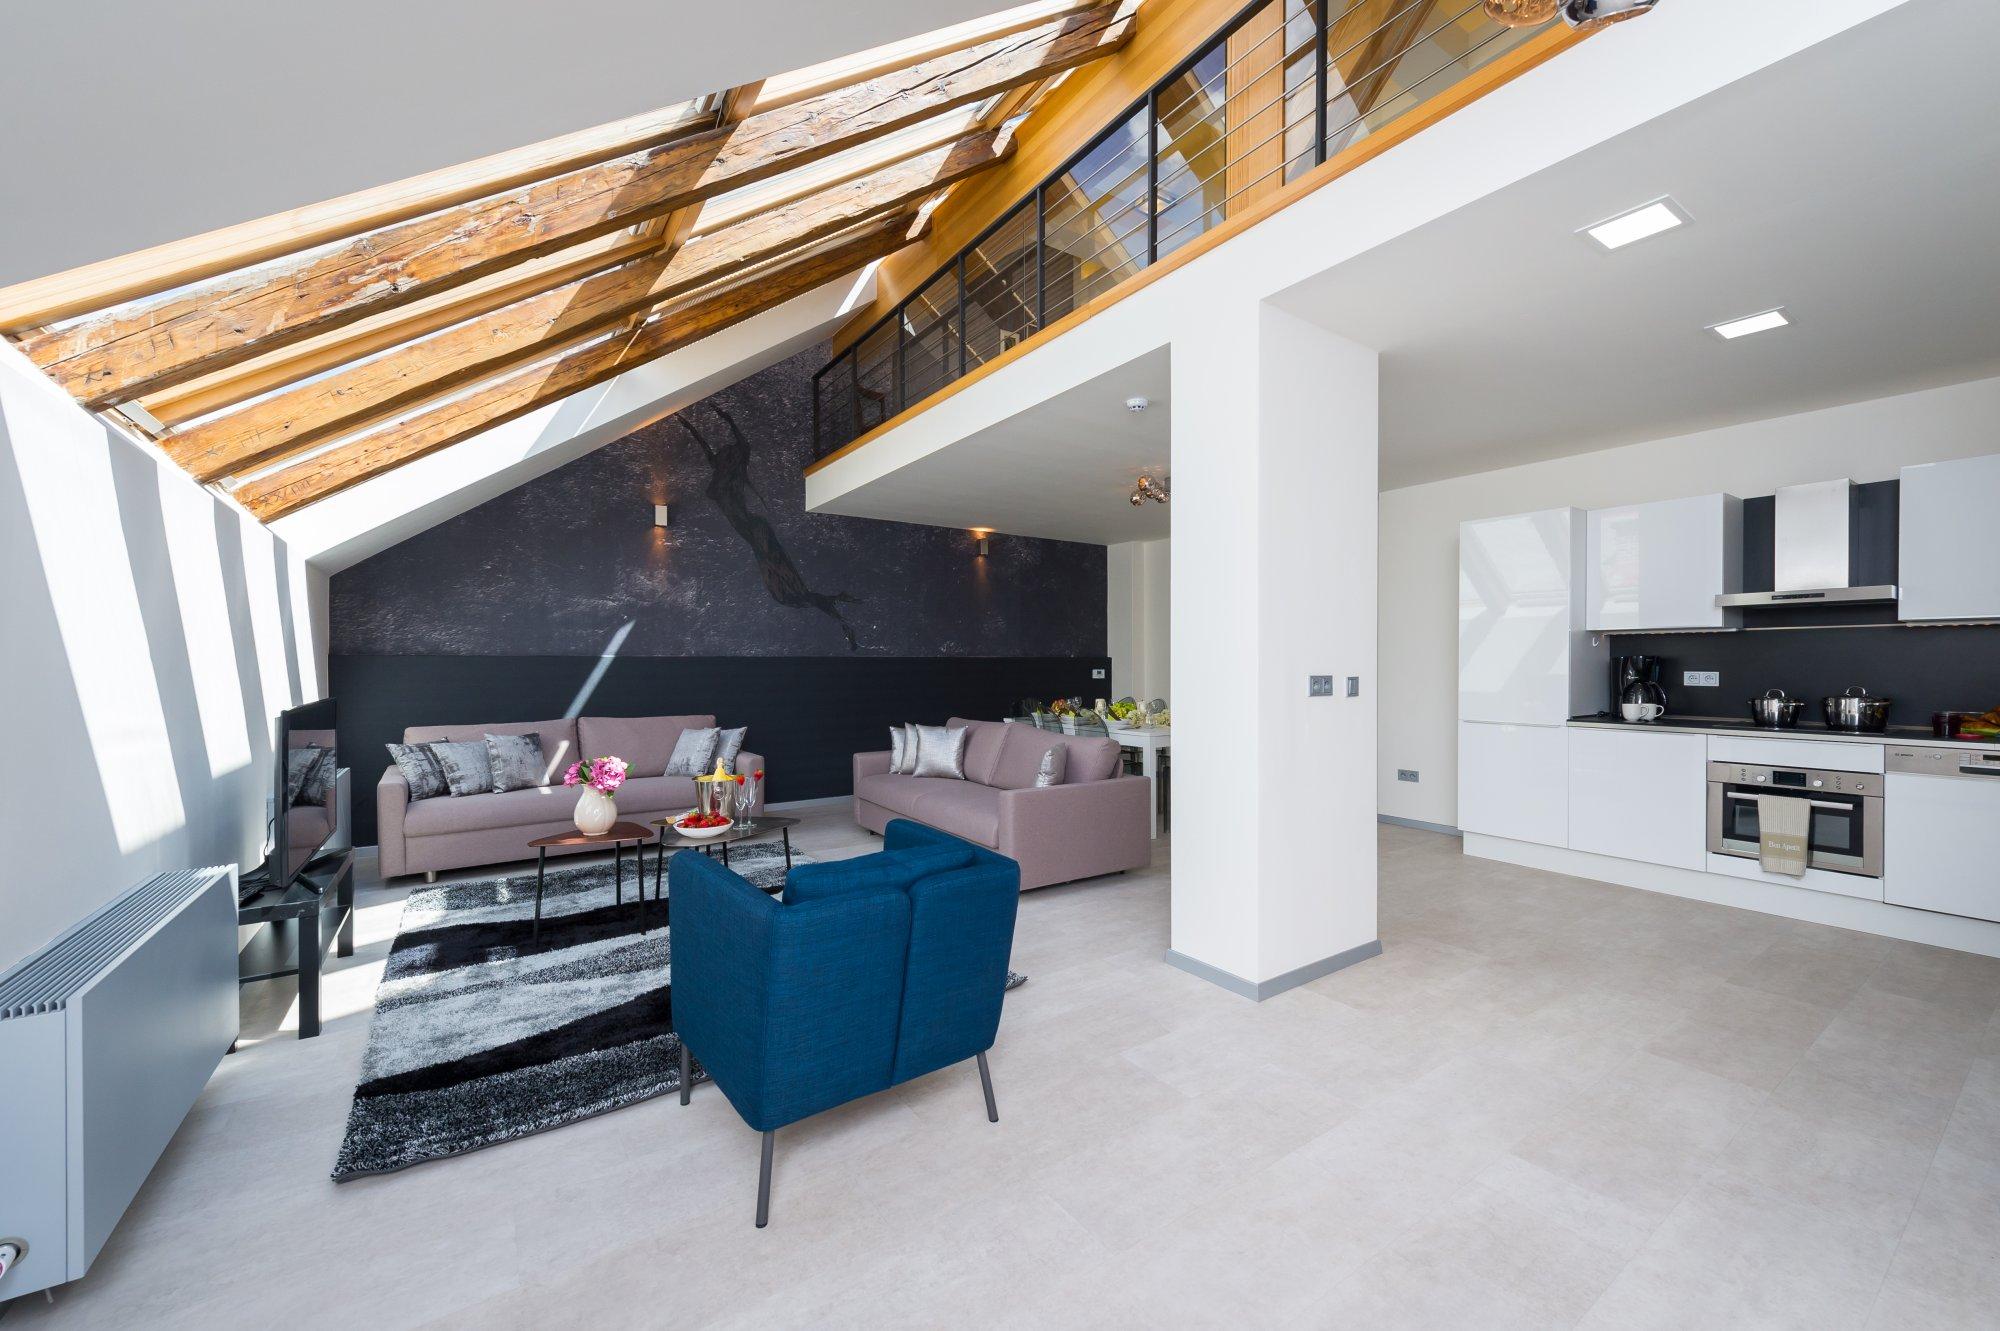 Půdní byt 5+kk, plocha 132 m², ulice U Půjčovny, Praha 1 - Nové Město | 3